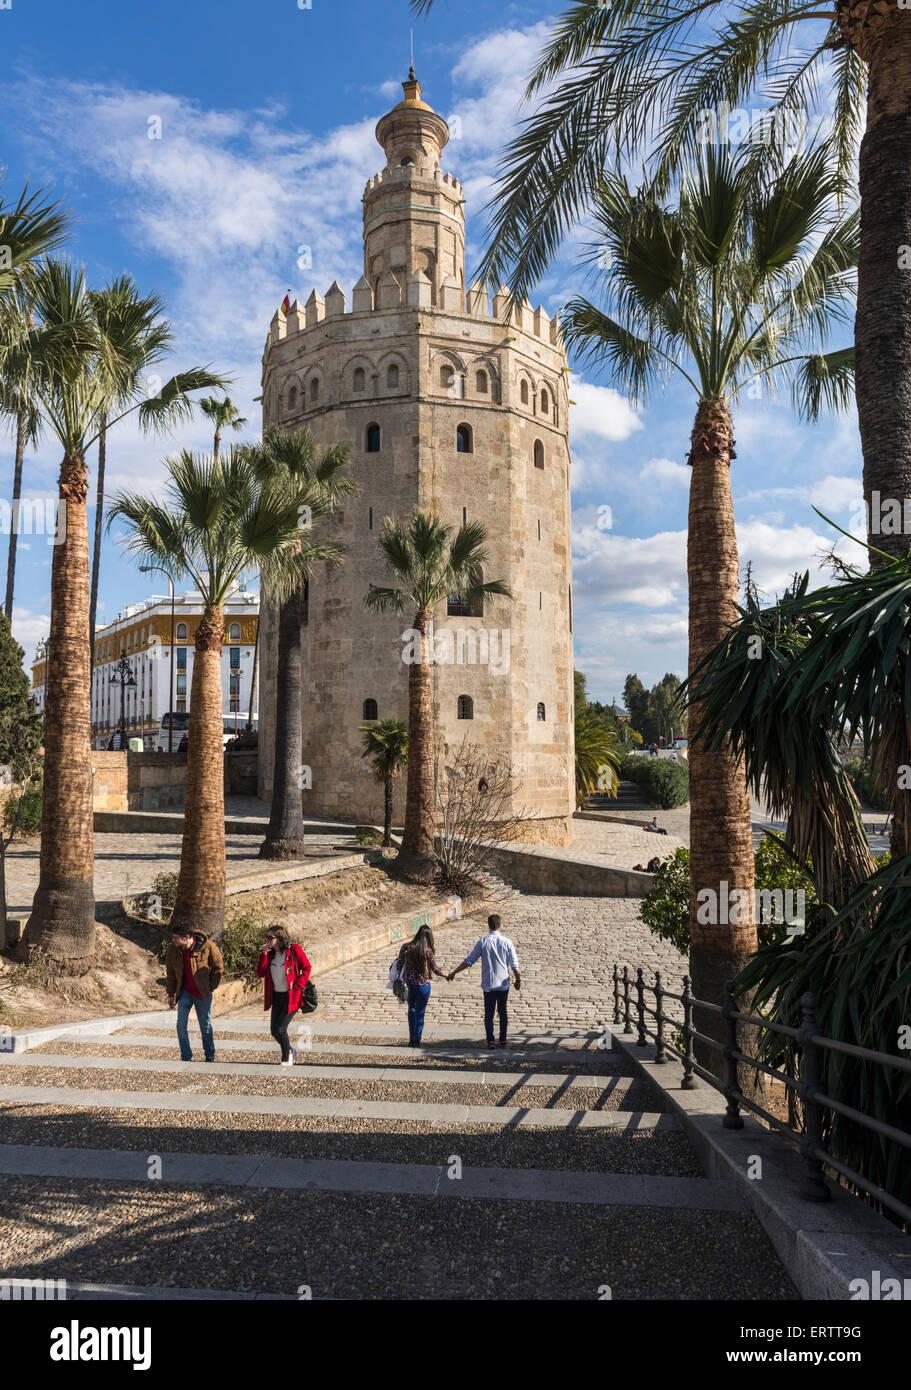 Sevilla, España - o la Torre del Oro Torre del Oro en Sevilla, España, Europa con los turistas. Imagen De Stock